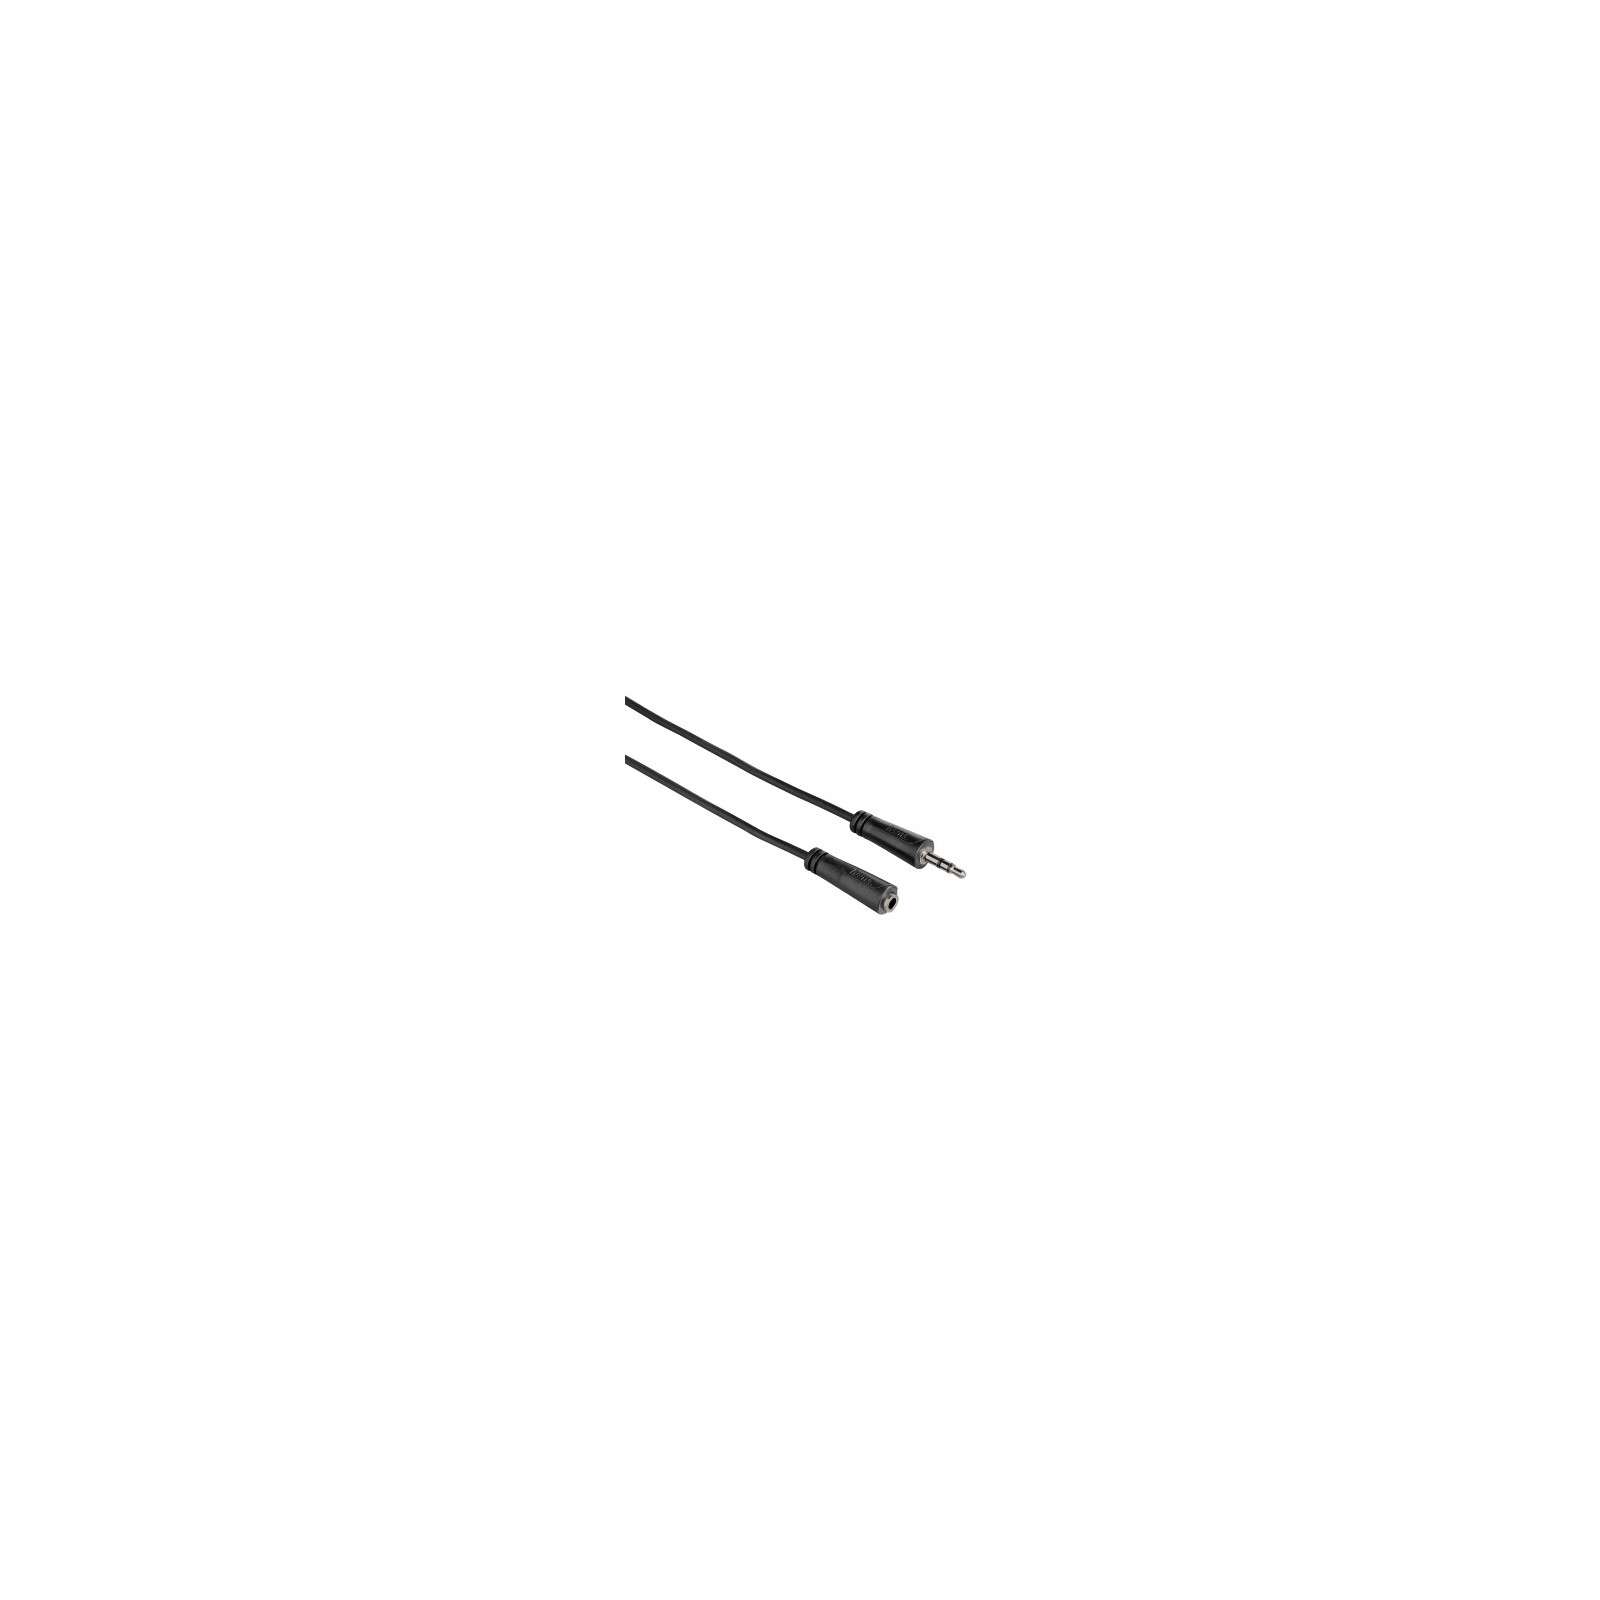 Hama Audioverlängerungskabel 3,5mm Klinke